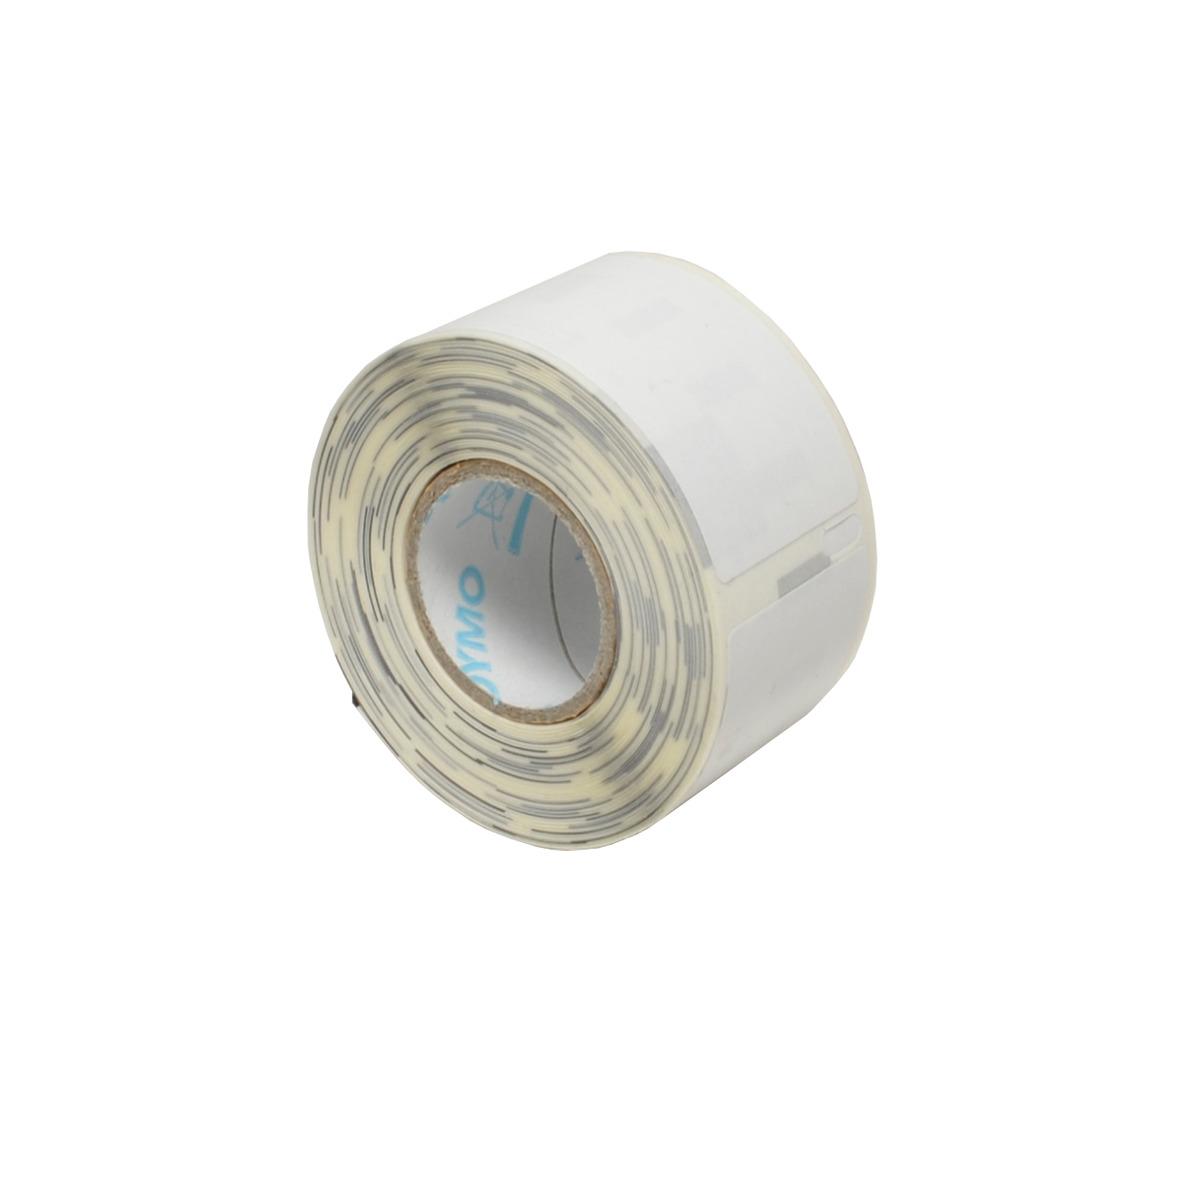 Dymo LW 99010 adressenlabels - Wit - 89x28mm - 130 Etiketten